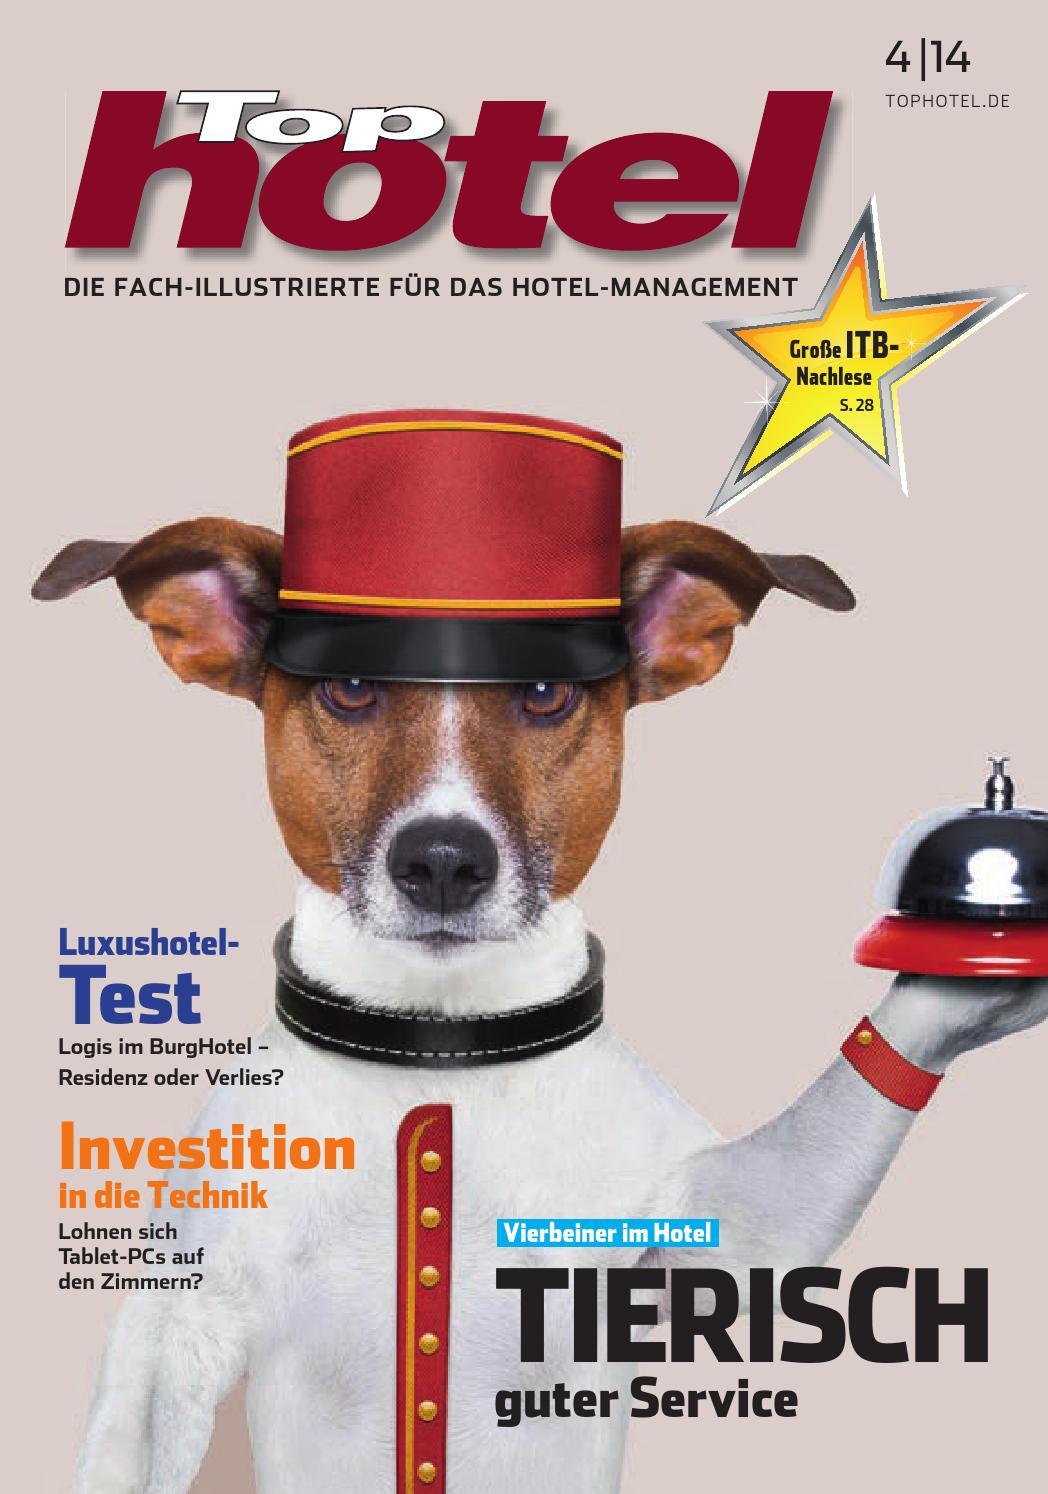 2c65f121721874 Tophotel 4.14 by Freizeit-Verlag Landsberg GmbH - issuu